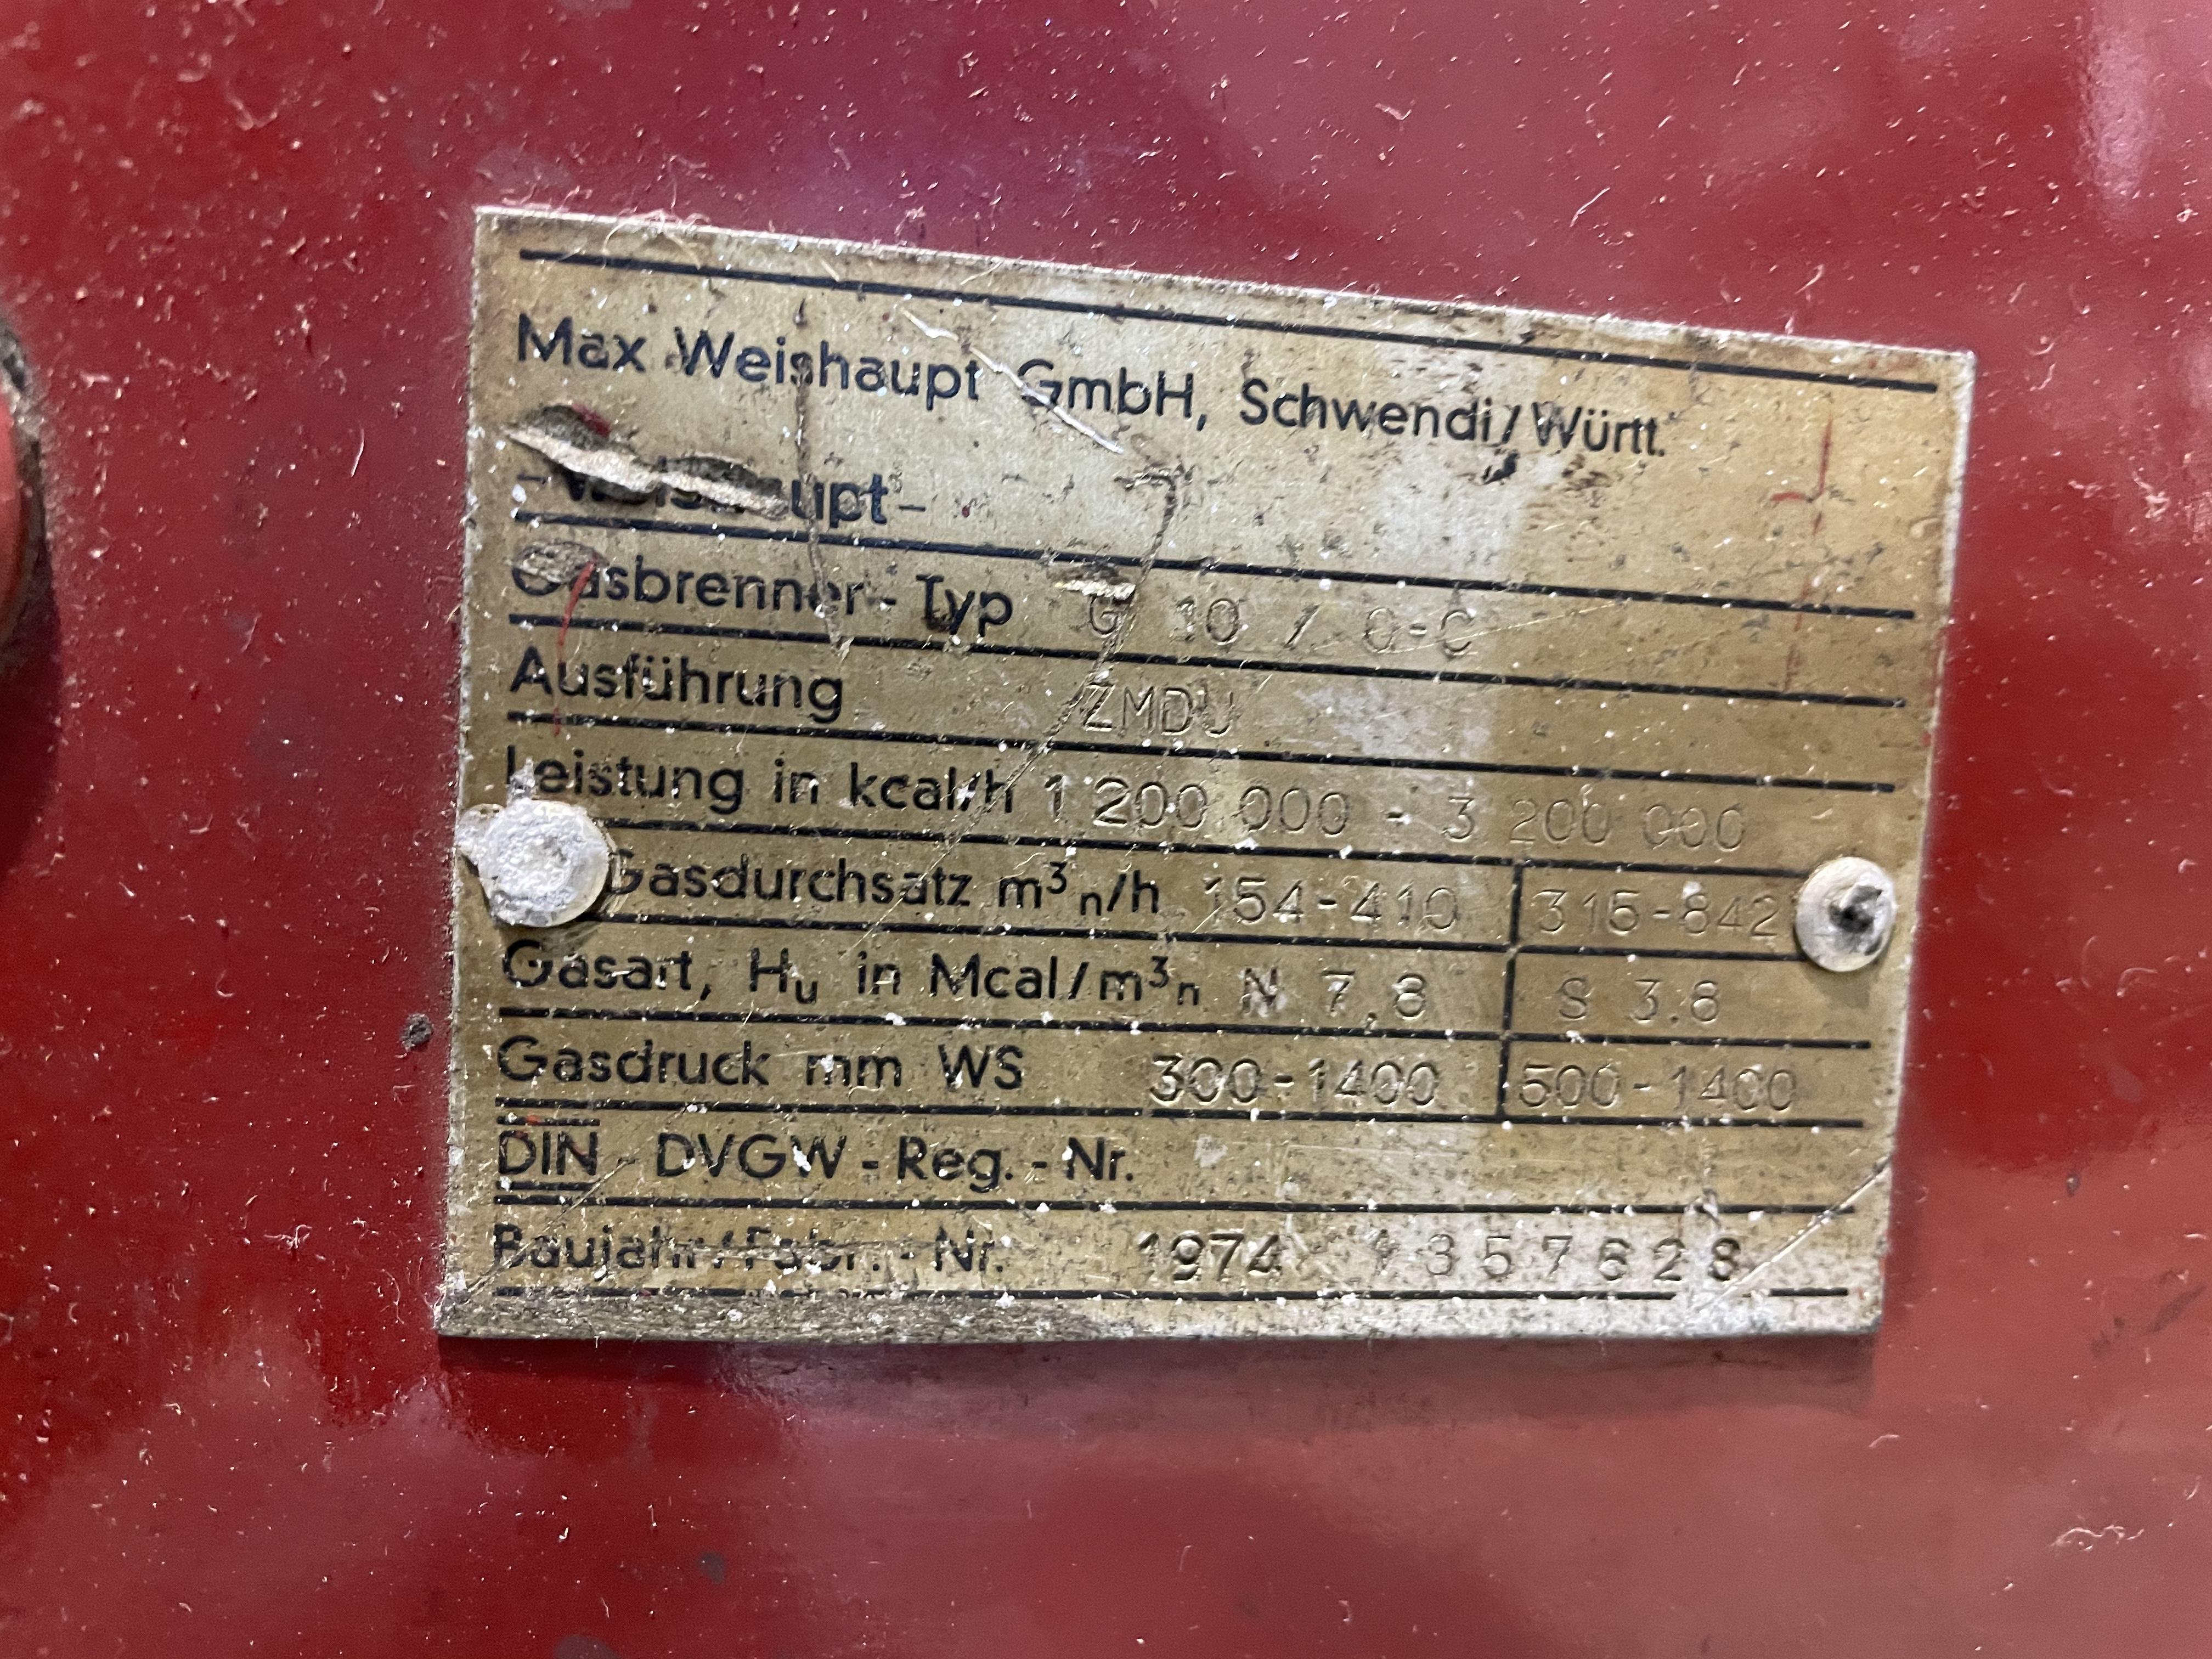 Bruciatore per caldaie gas WEISHAUPT in vendita - foto 3